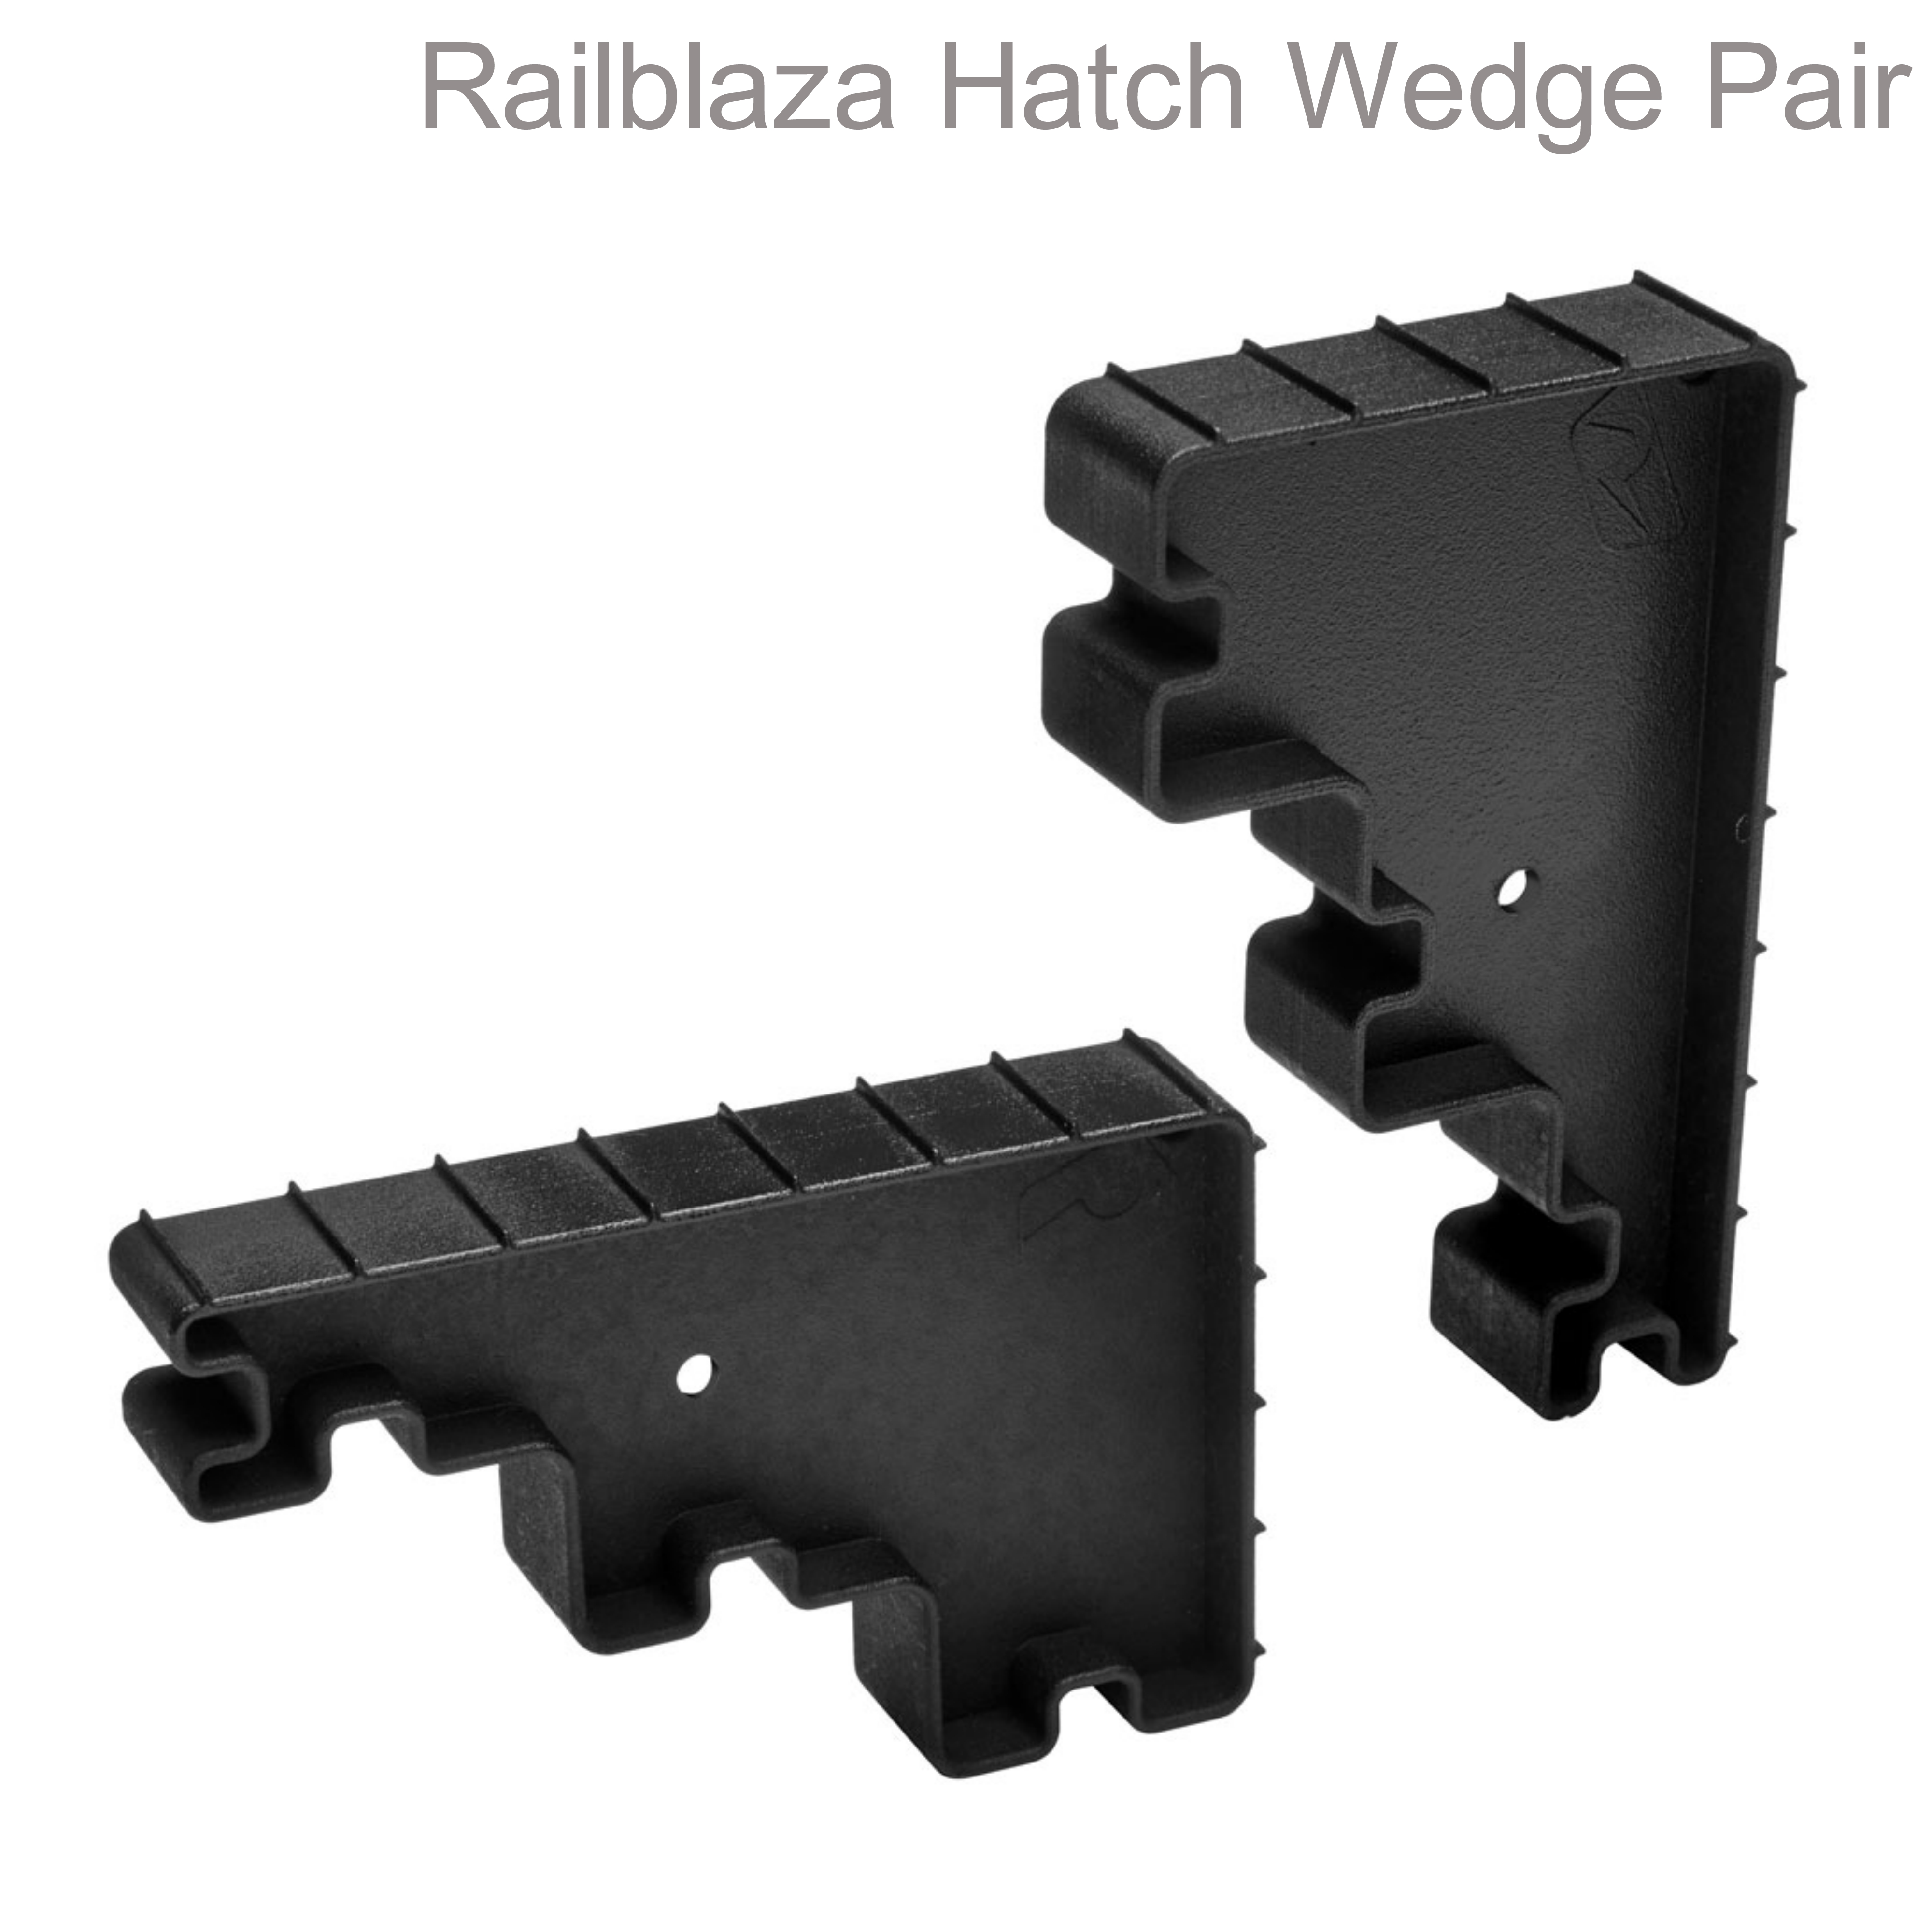 """Railblaza-09000611 Hatch Wedge - Pair 4 Different Height Hold Gaps 1 / 2 / 3 & 5"""" Black"""